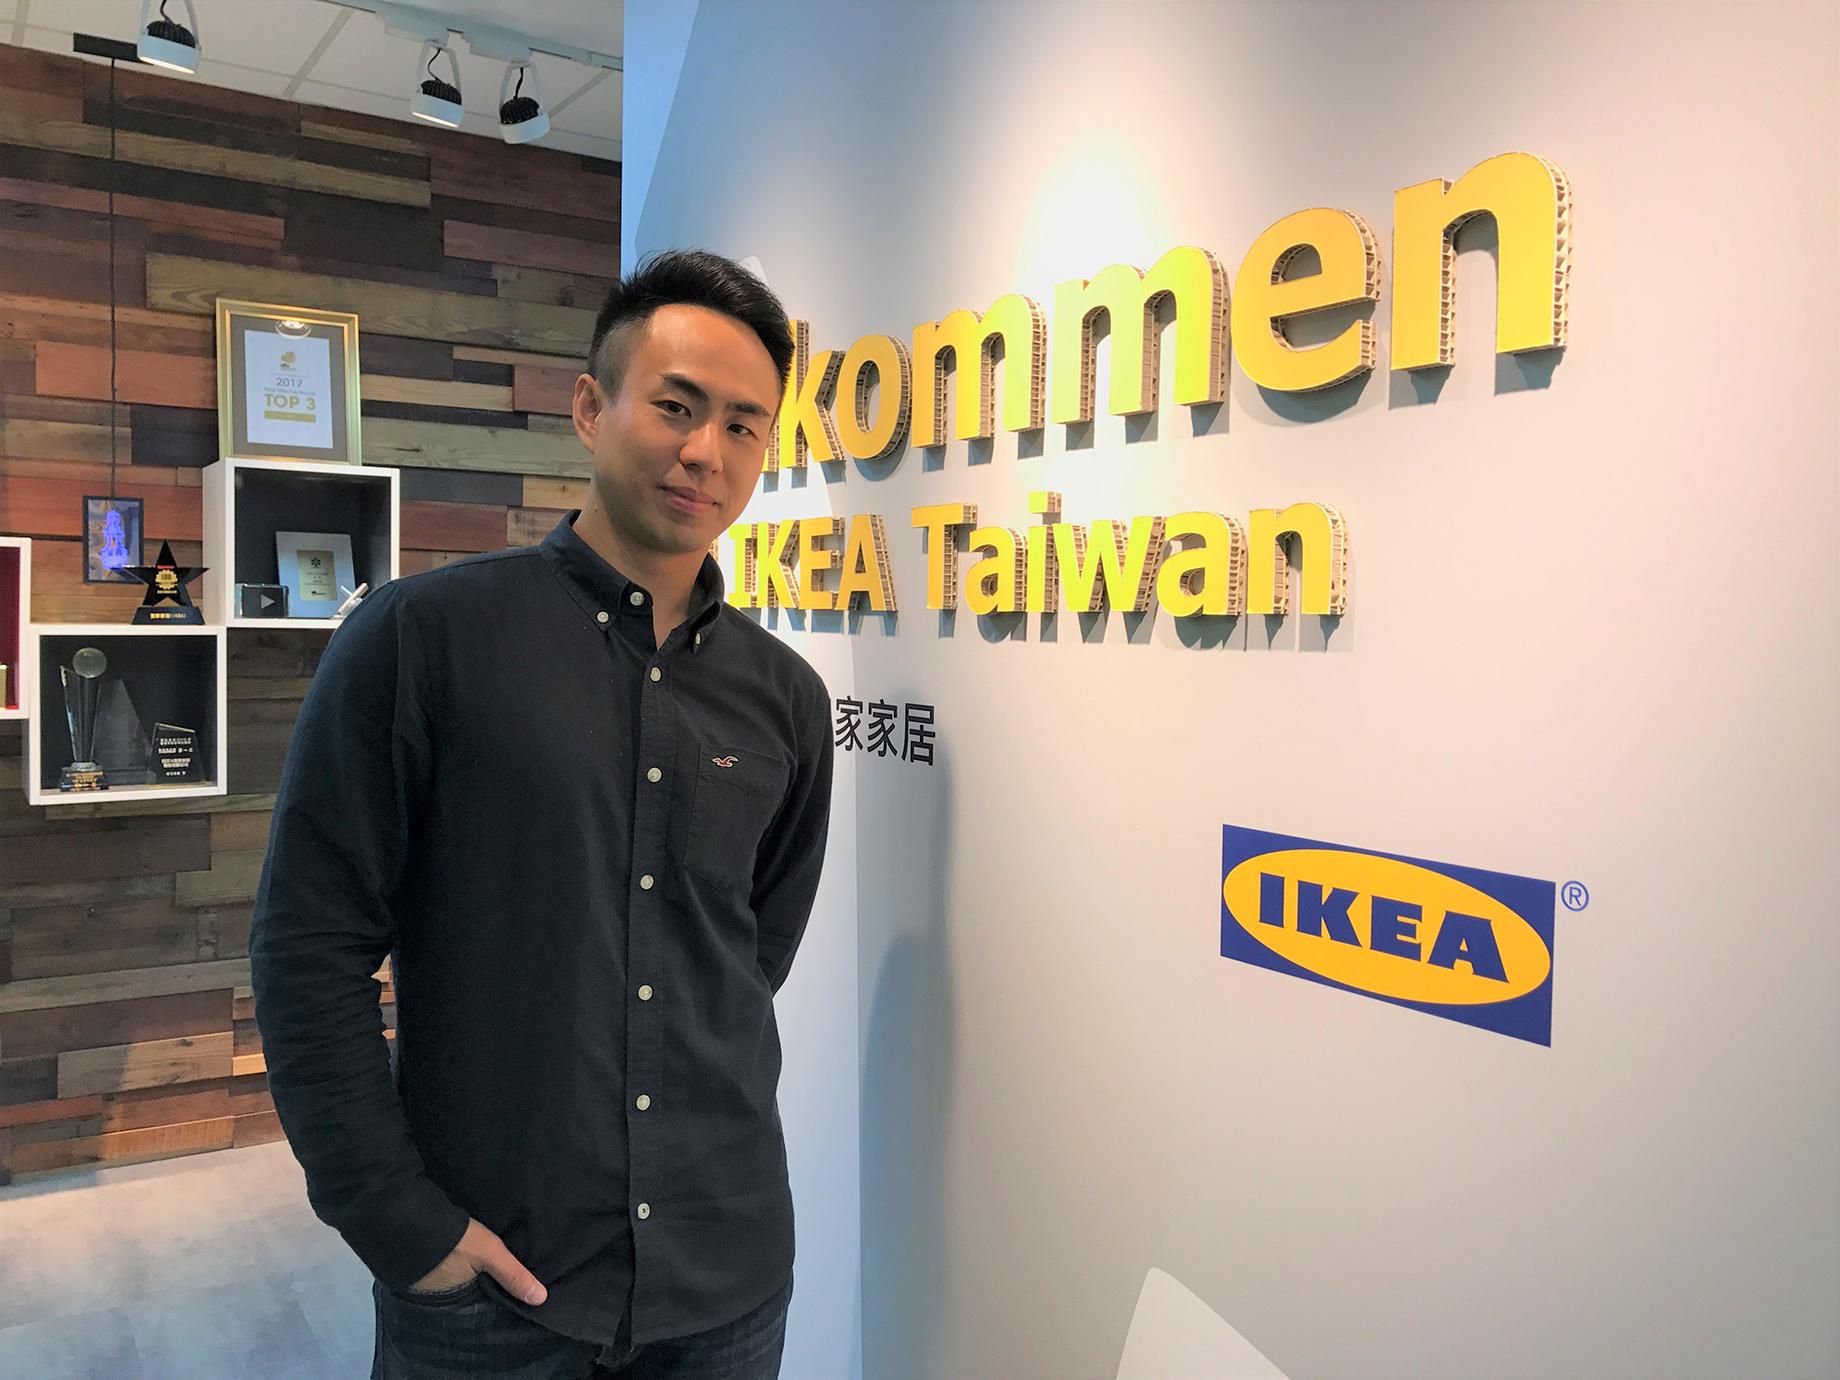 網路人才學》侯少偉(IKEA市場新通路開發經理):與電商好手一起站在IKEA全球資源上,從無到有開創新事業